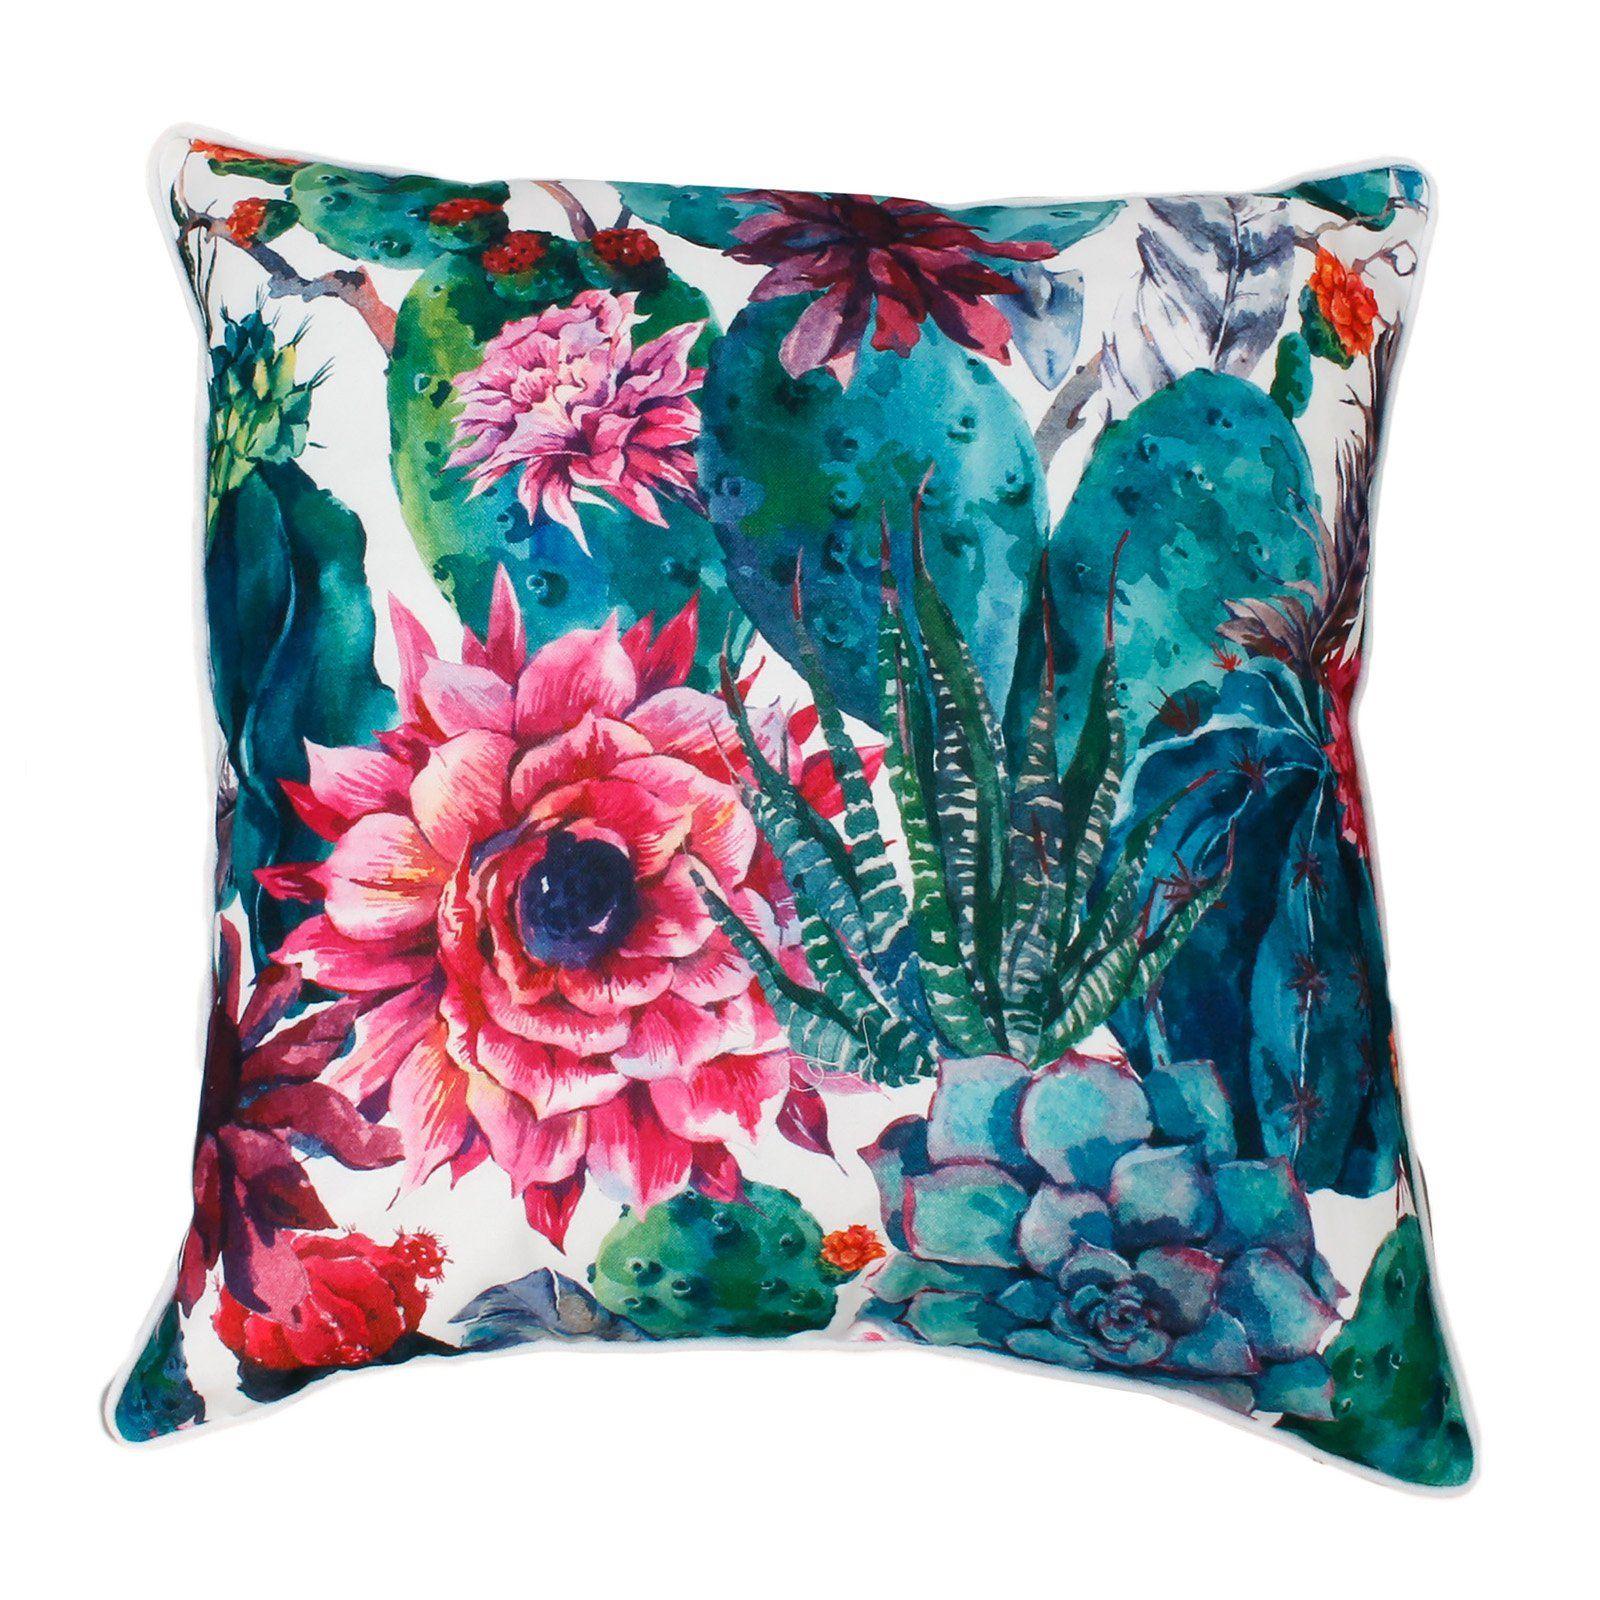 Cindy Succulent Decorative Pillow